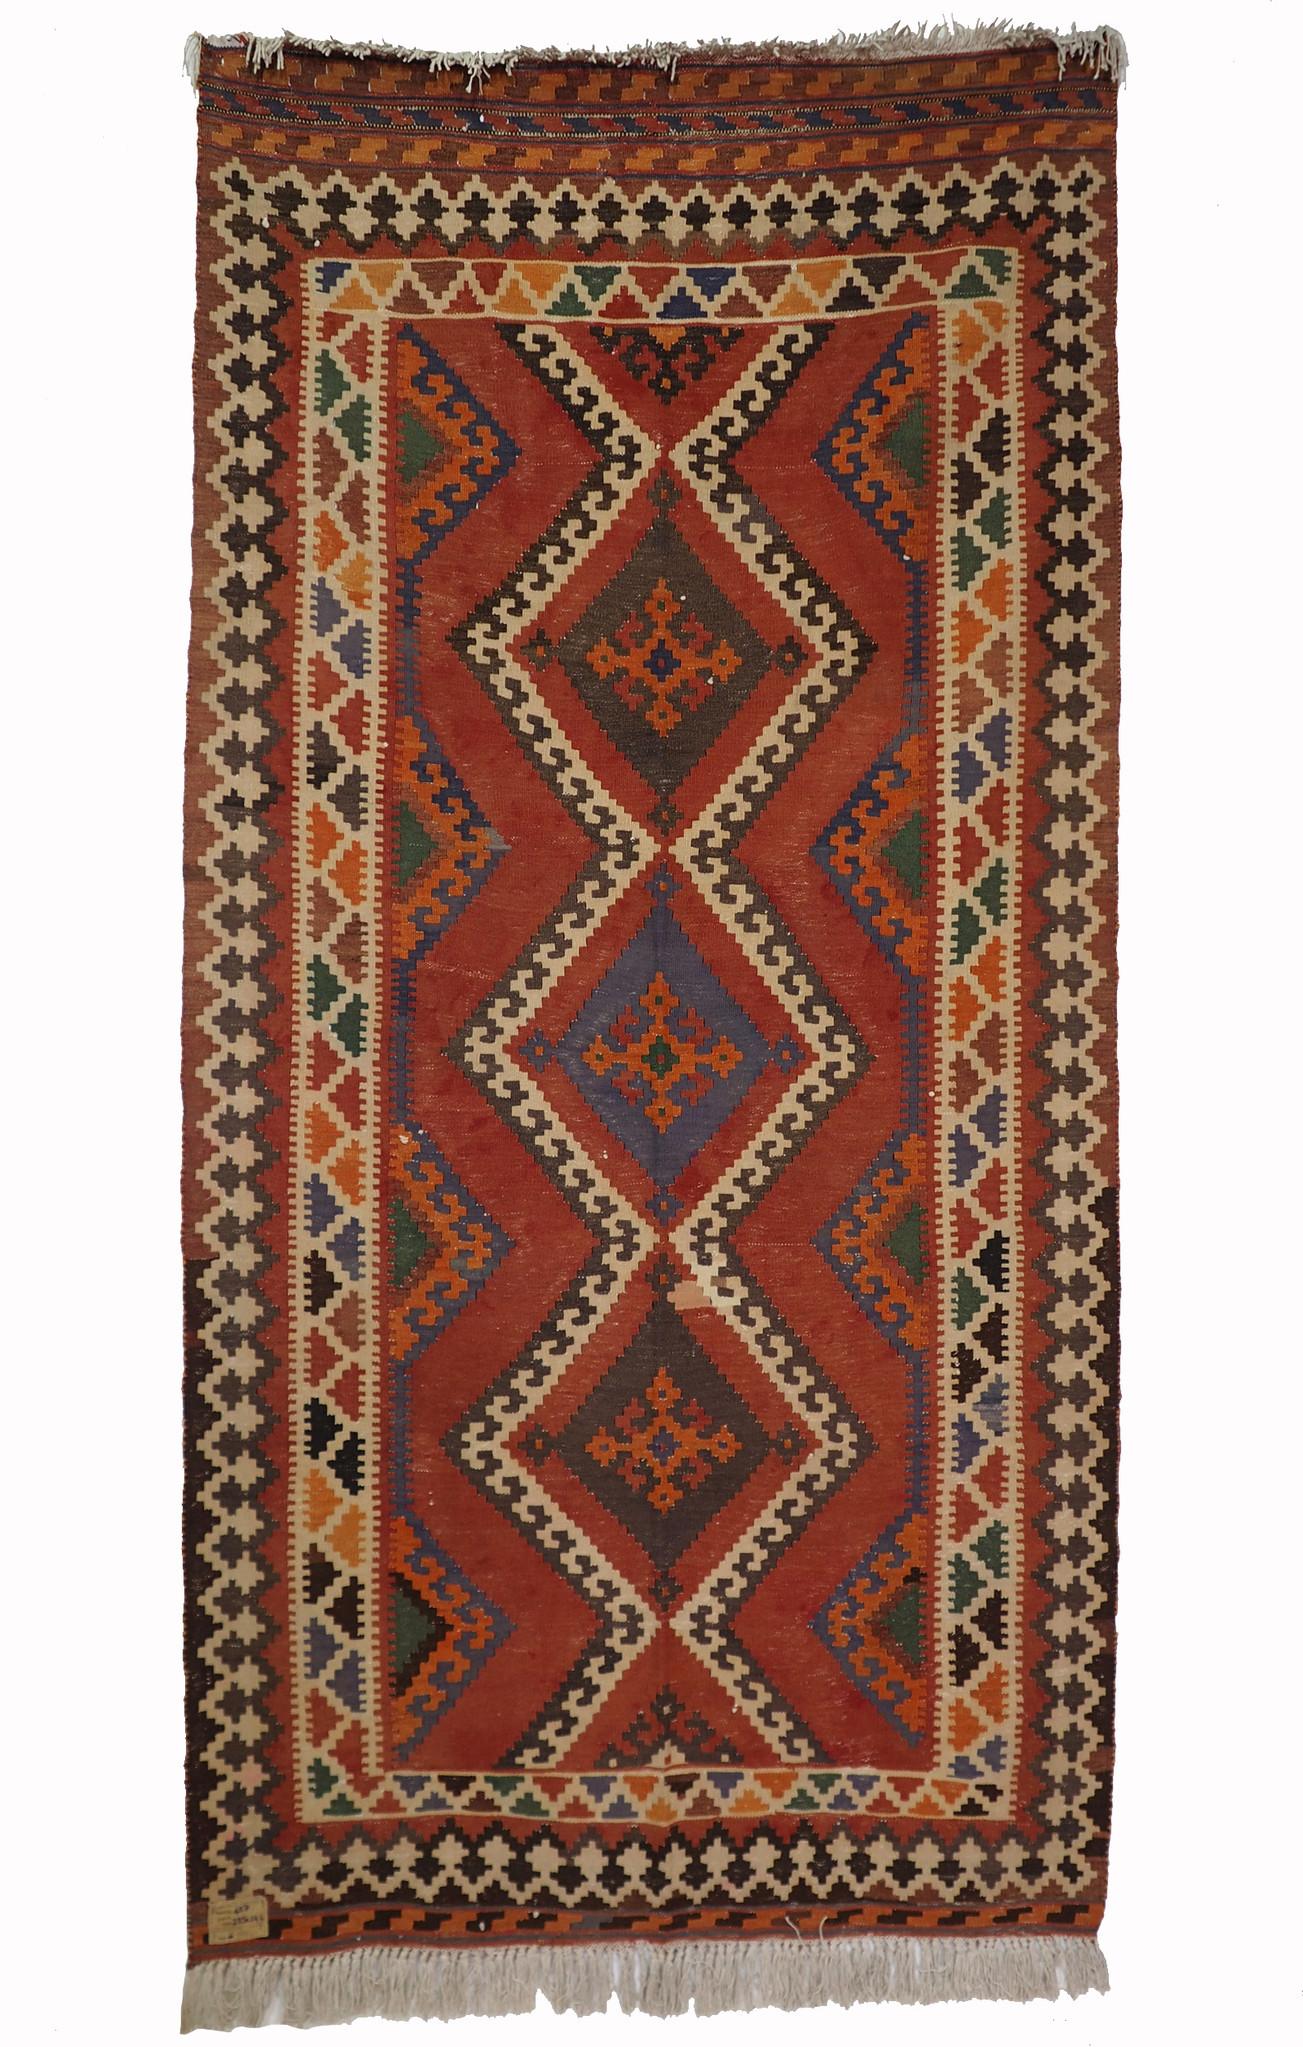 285x144 cm antike handgewebte orient kazak Teppich Nomaden kaukasische kelim No:457